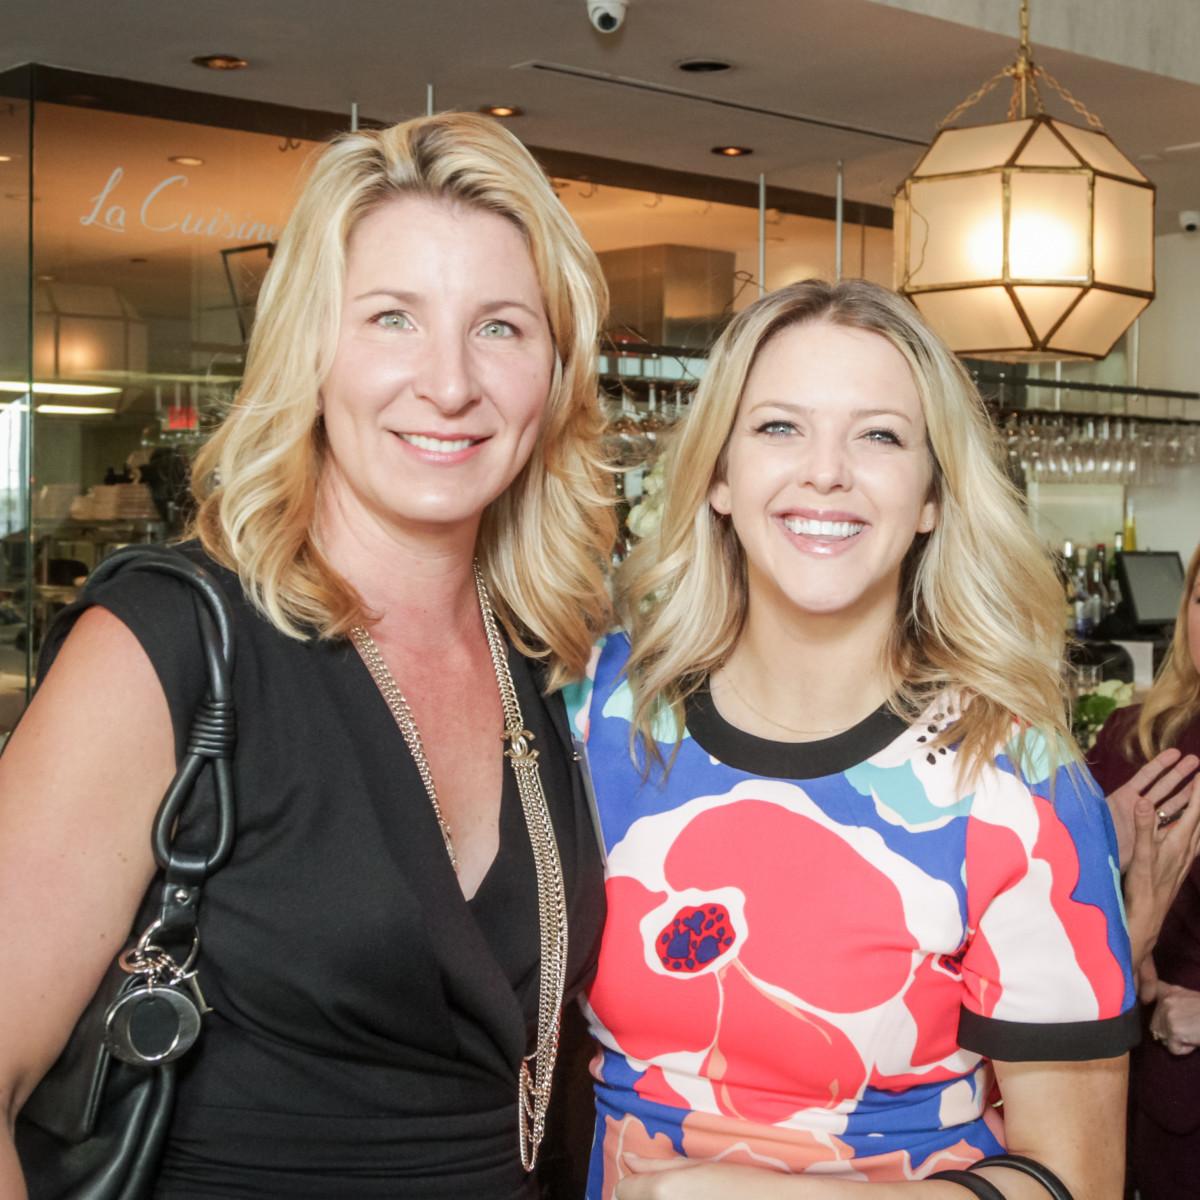 Ellevate Network breakfast 6/16 Danielle Dearing, Hannah Dismuke